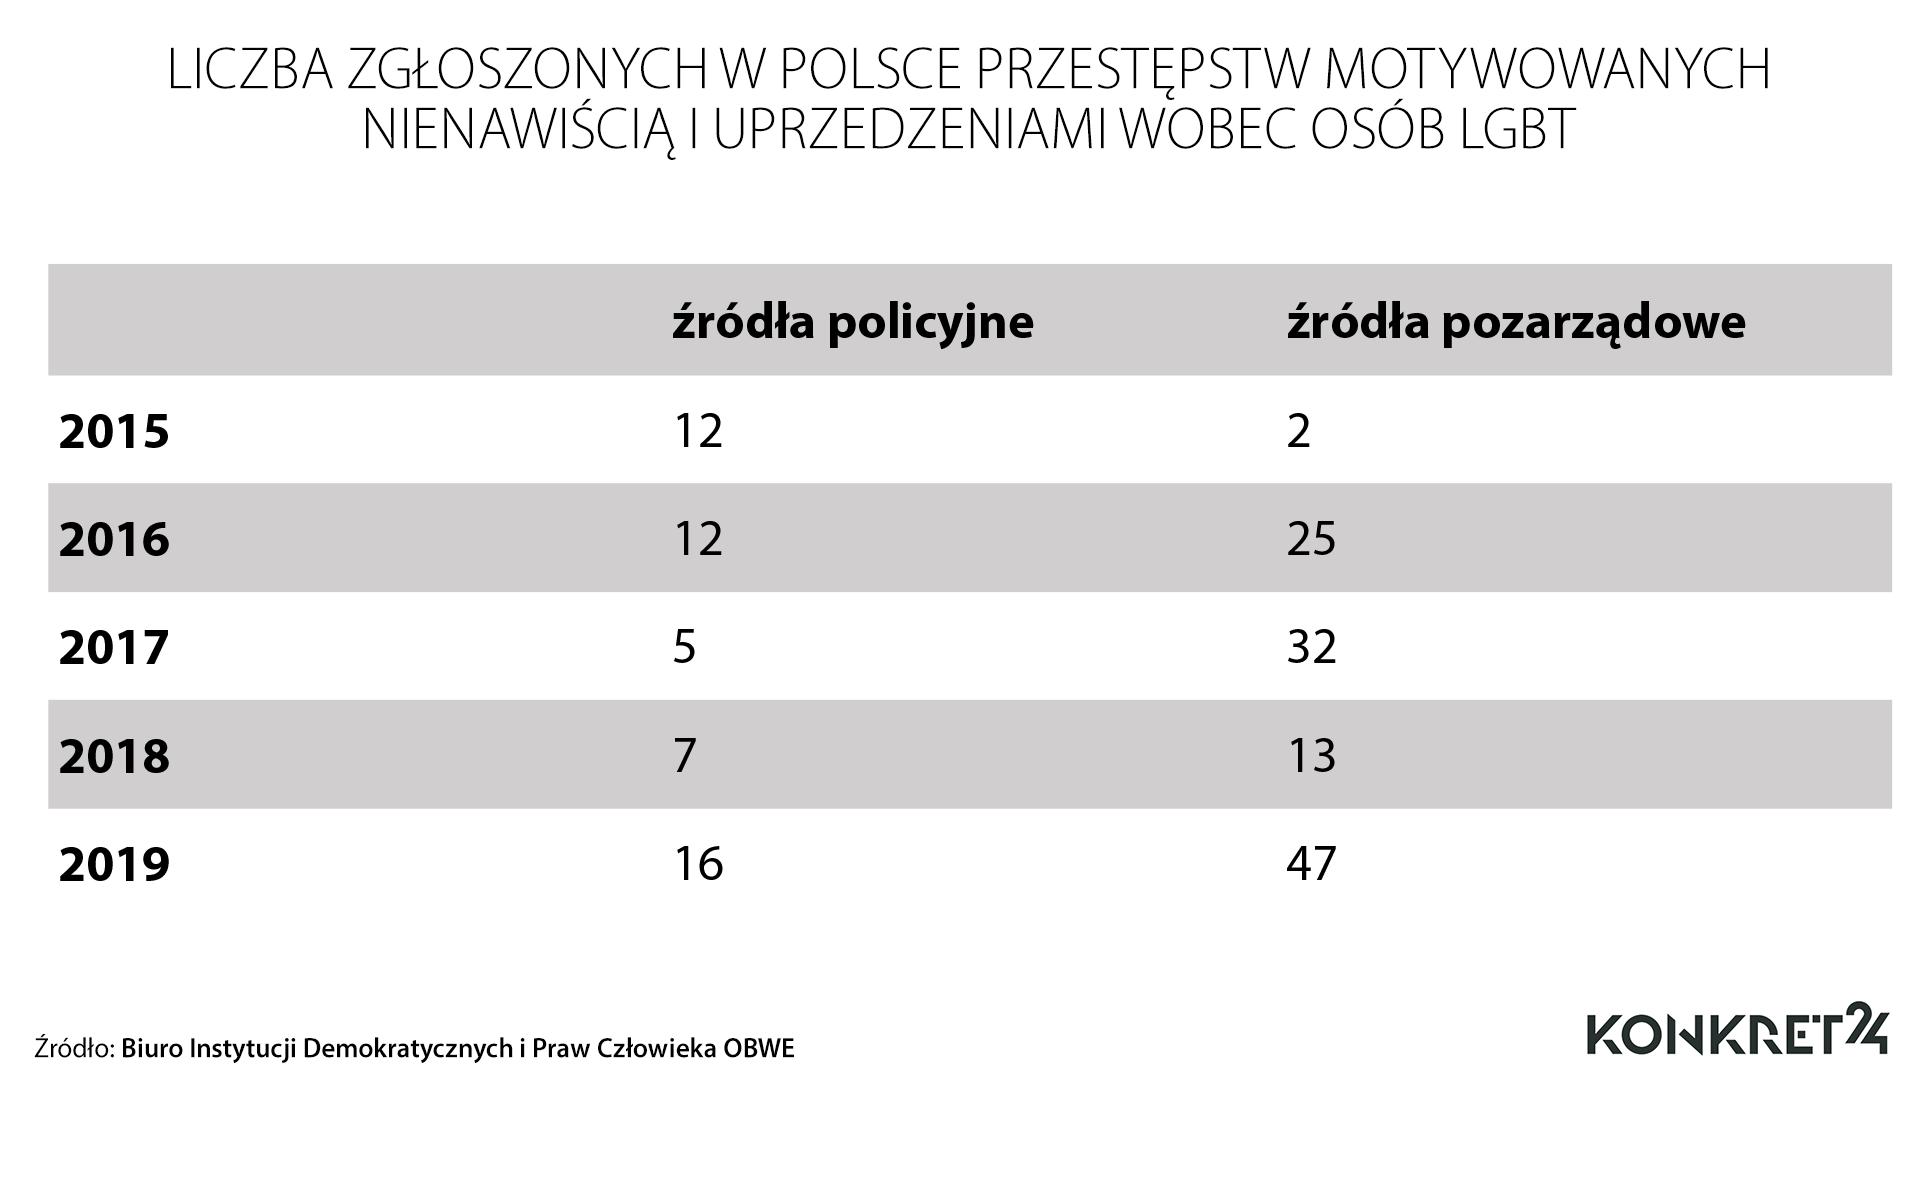 Liczba zgłoszonych przestępstw wobec osób LGBTIQ w Polsce